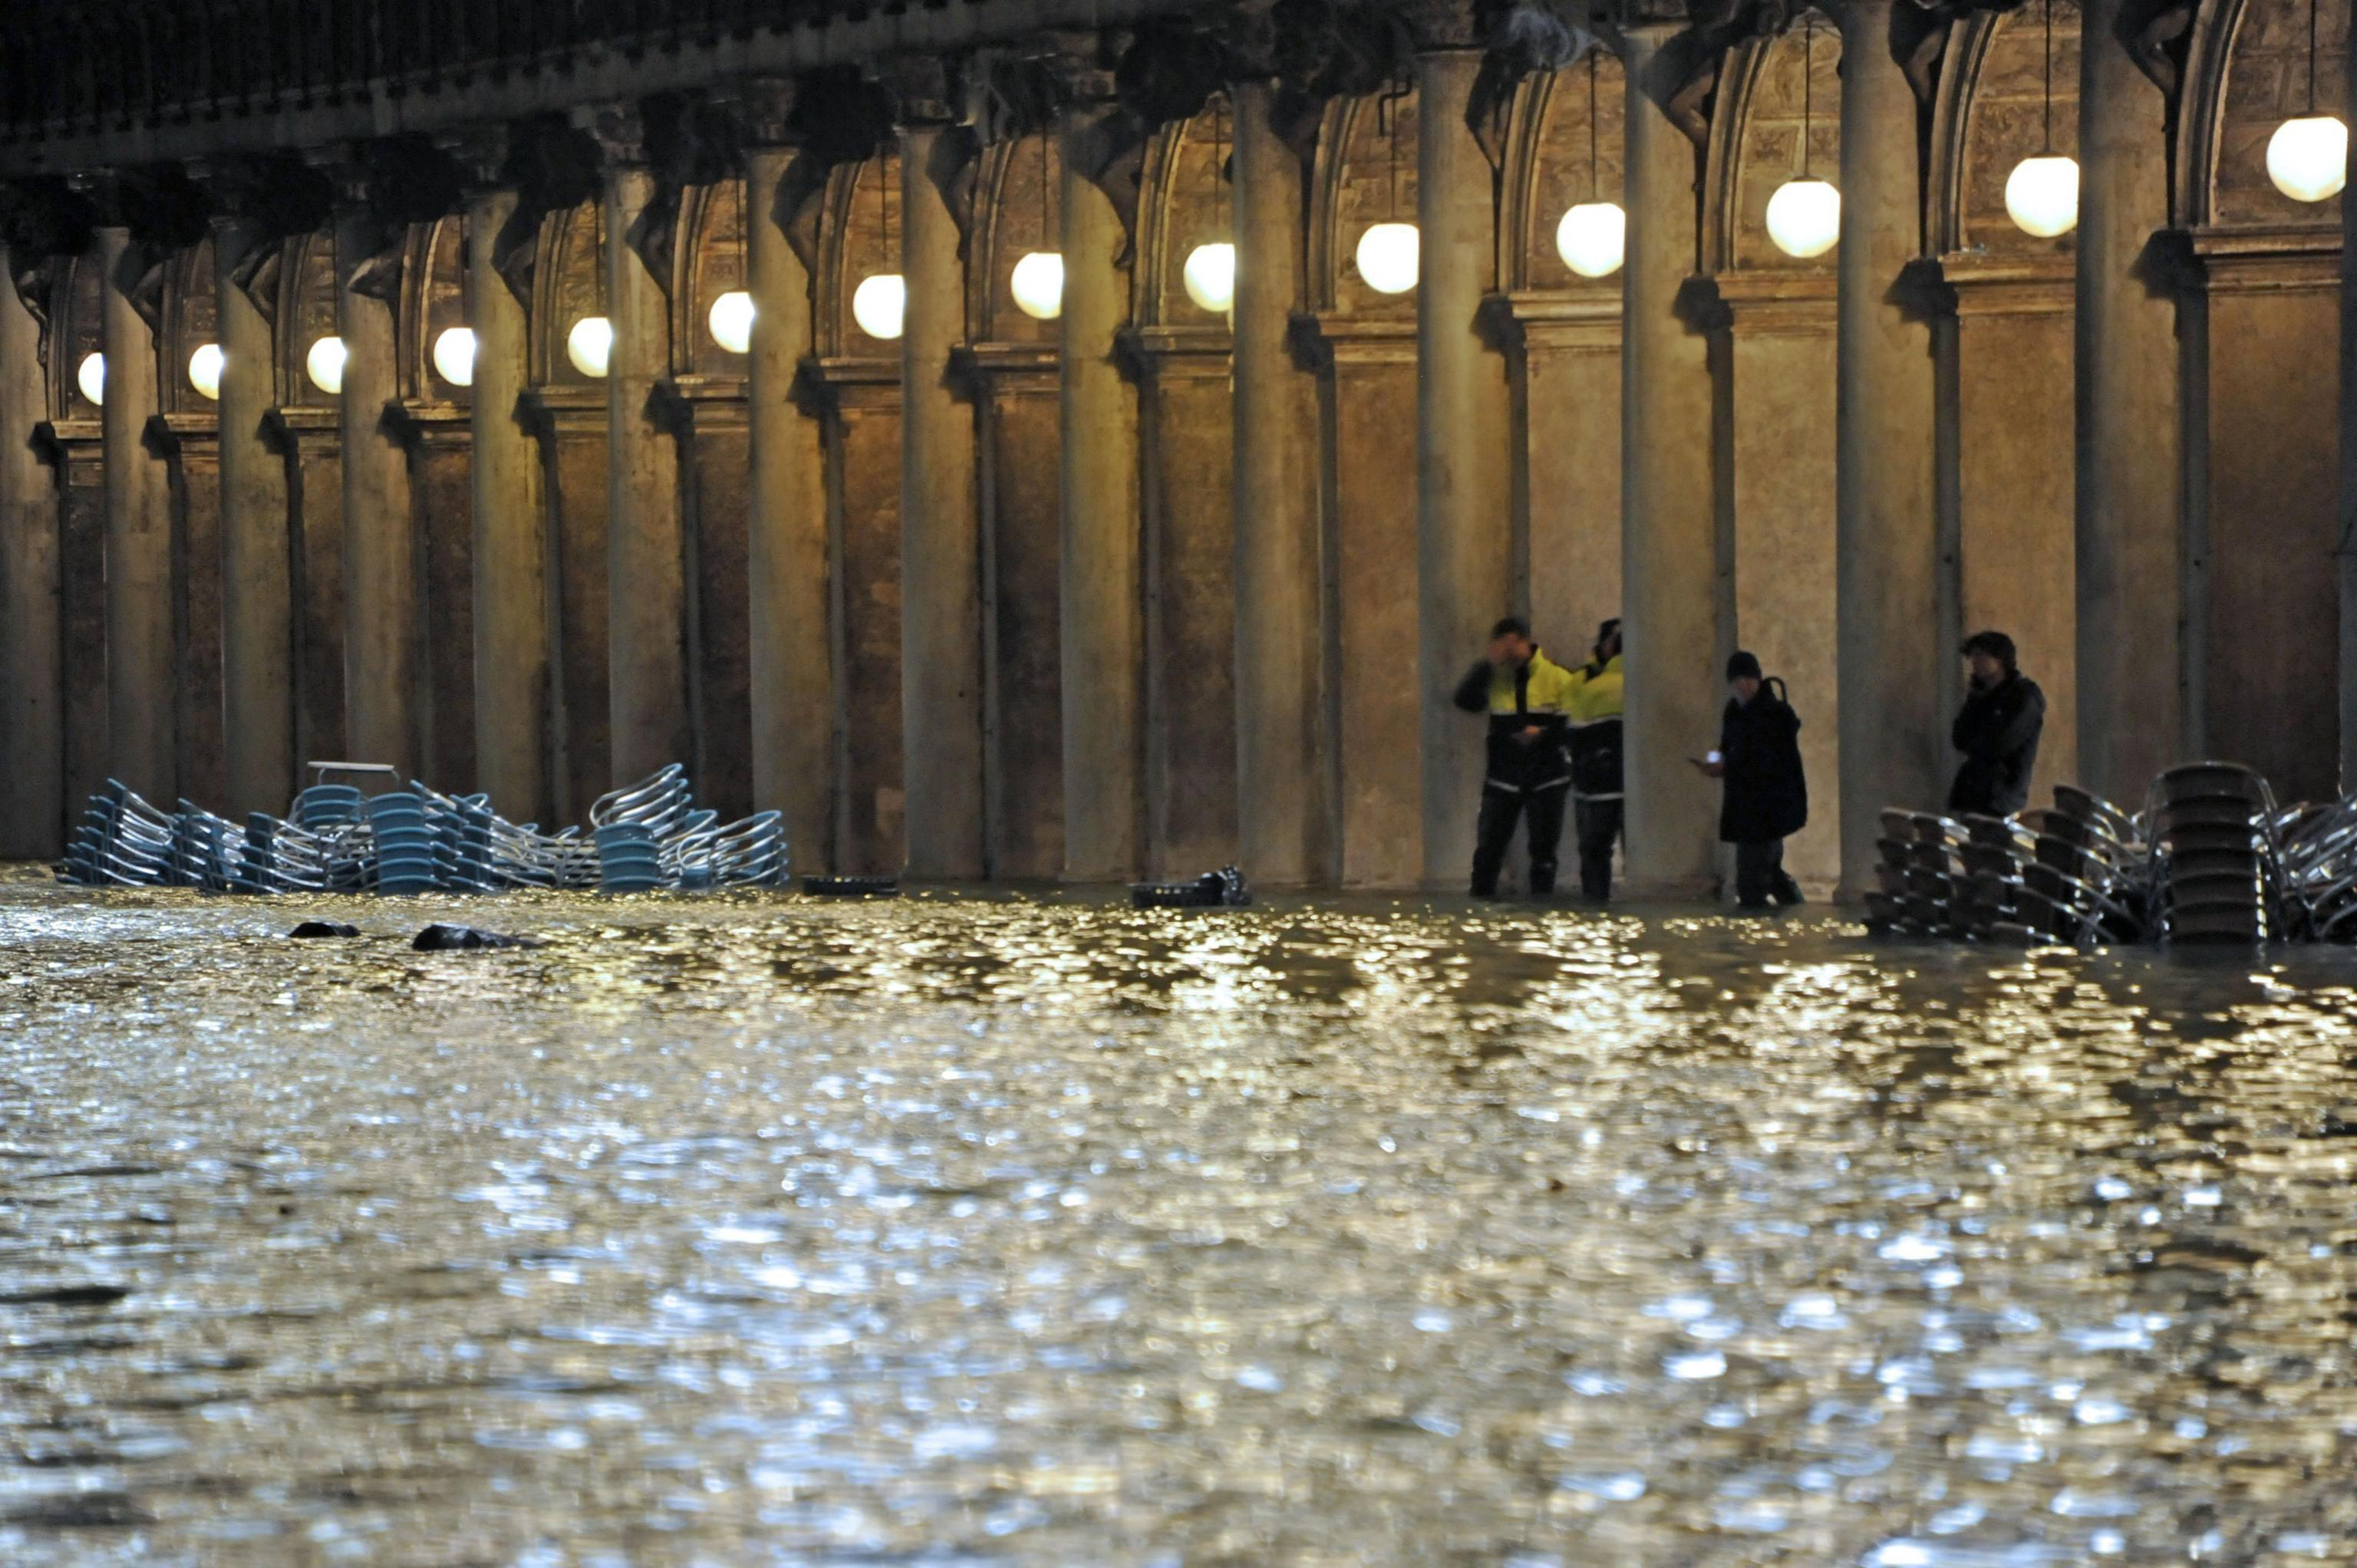 Las imágenes hablan del caudal de agua que entró a Venecia. (Foto: EFE)